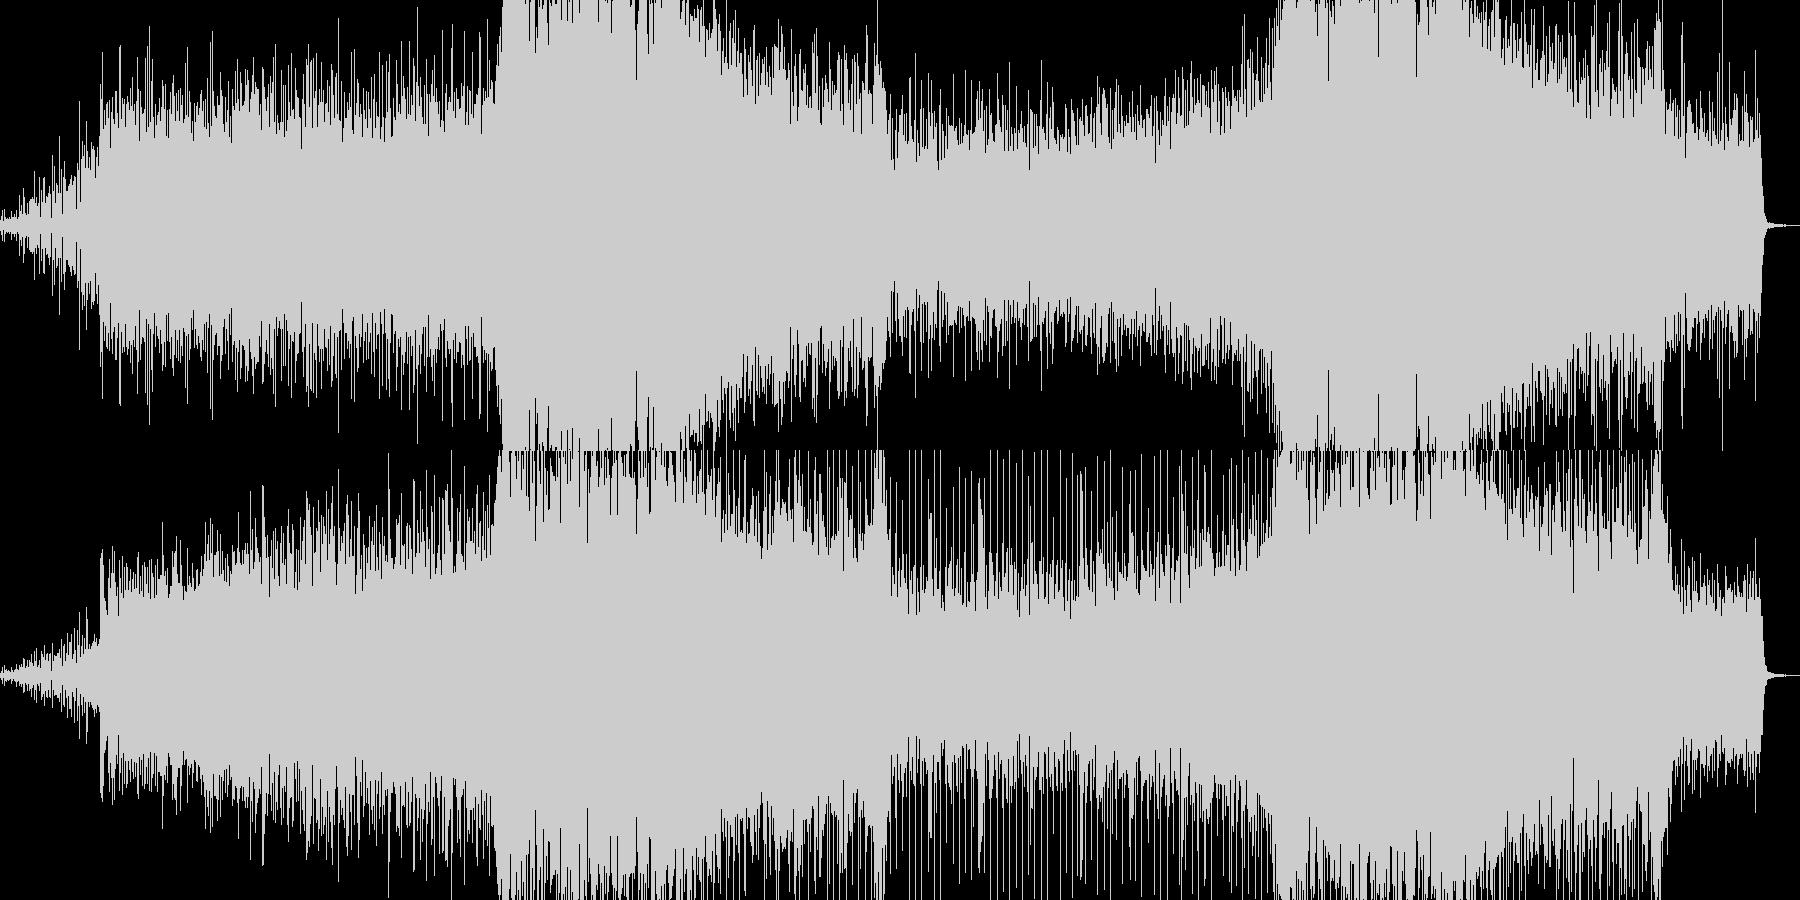 電子音にストリングスを載せた、戦闘シー…の未再生の波形